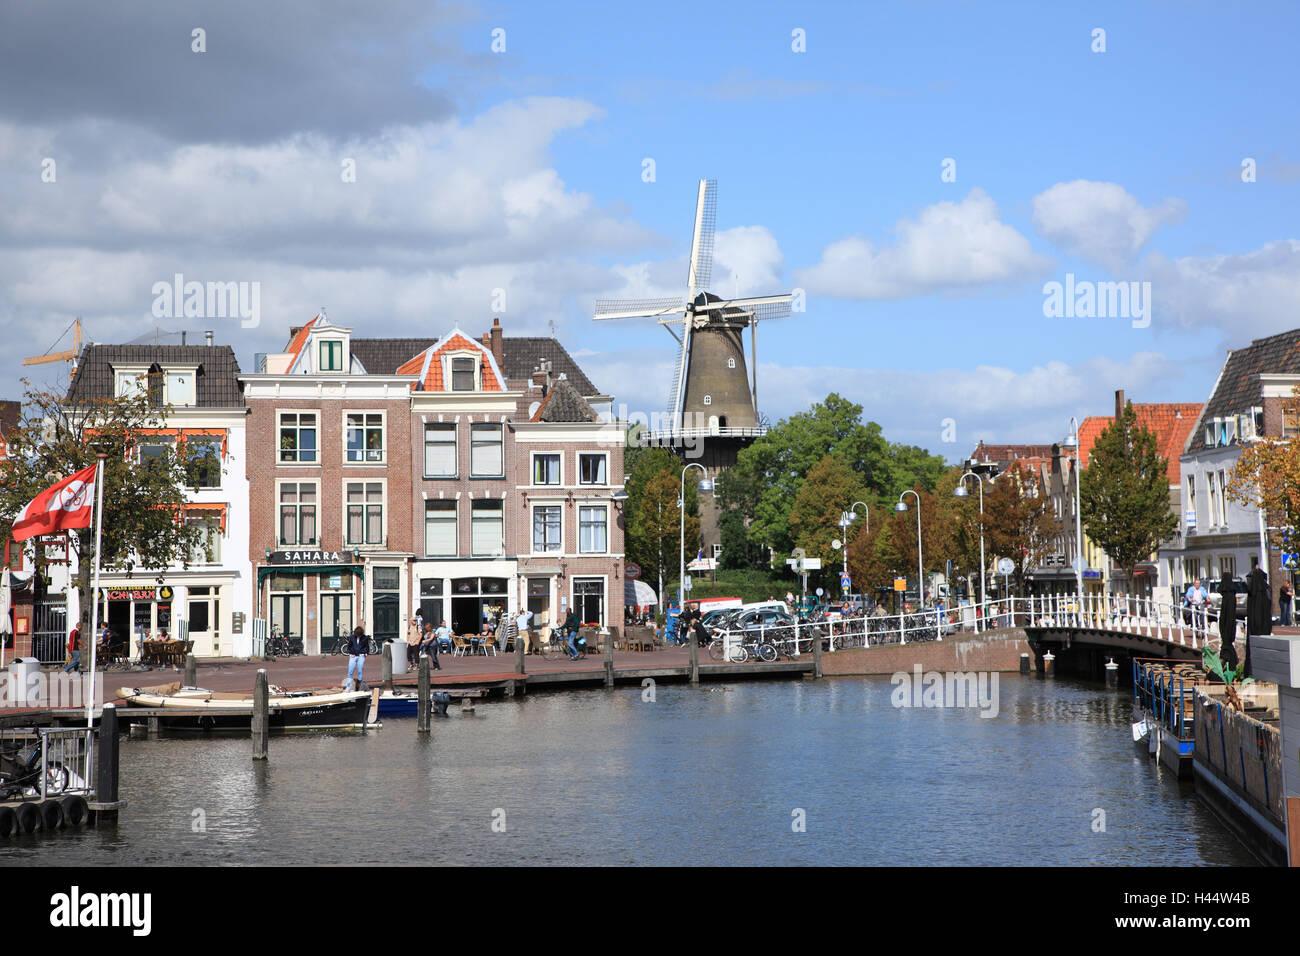 Den Niederlanden, Beschwerden, Blick auf die Stadt, Hafen, Stockbild